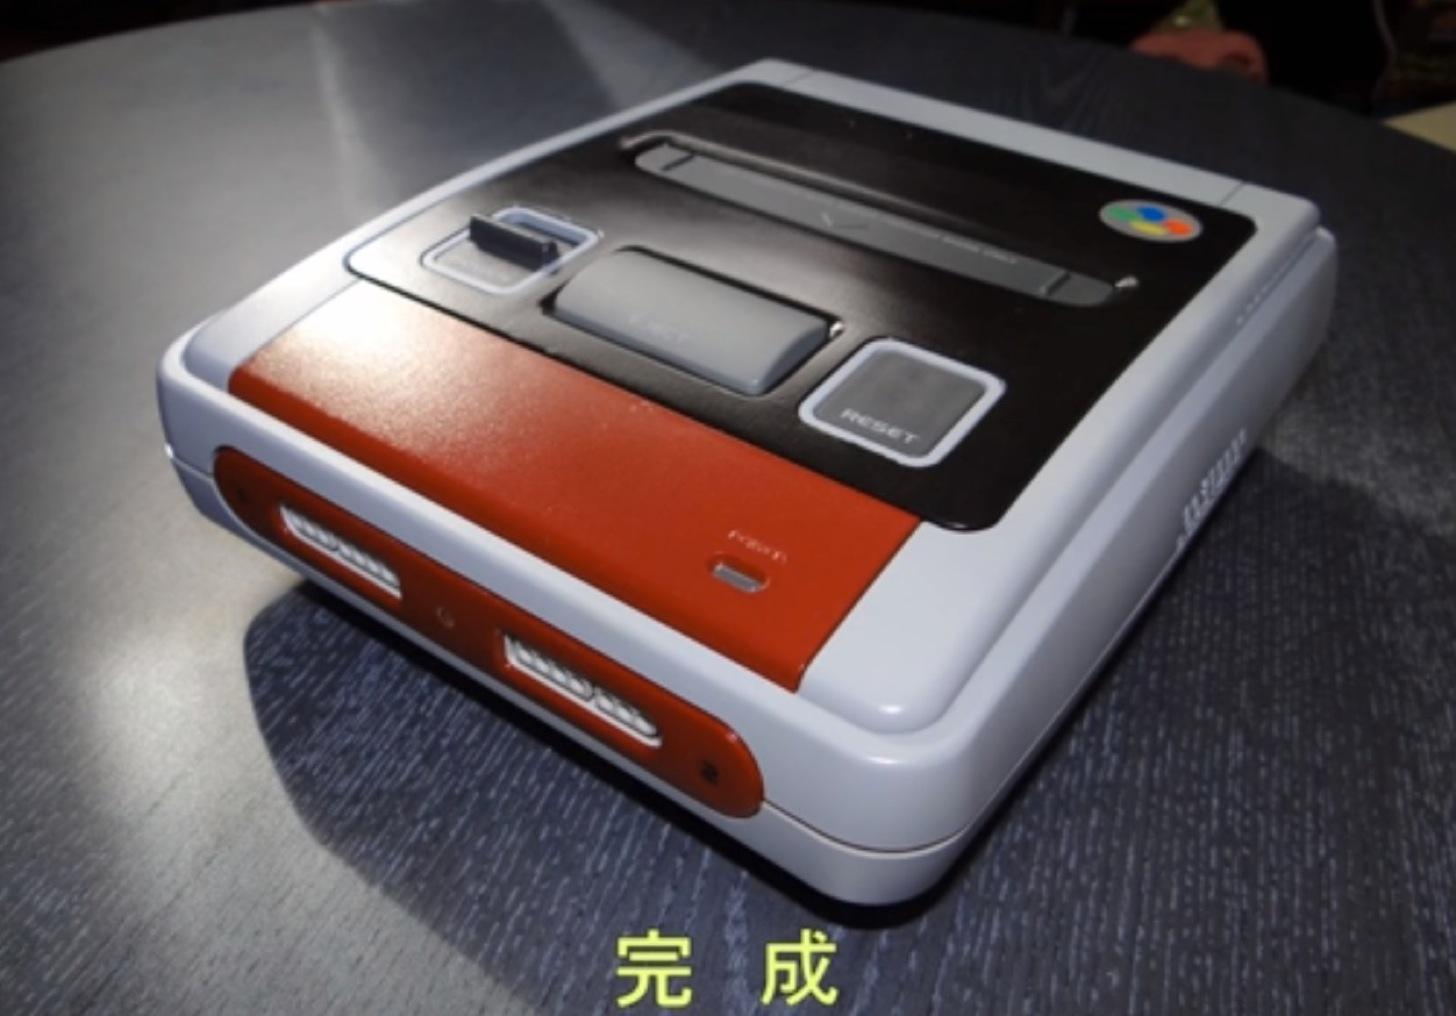 スーパーファミコンをWindows8に改造!